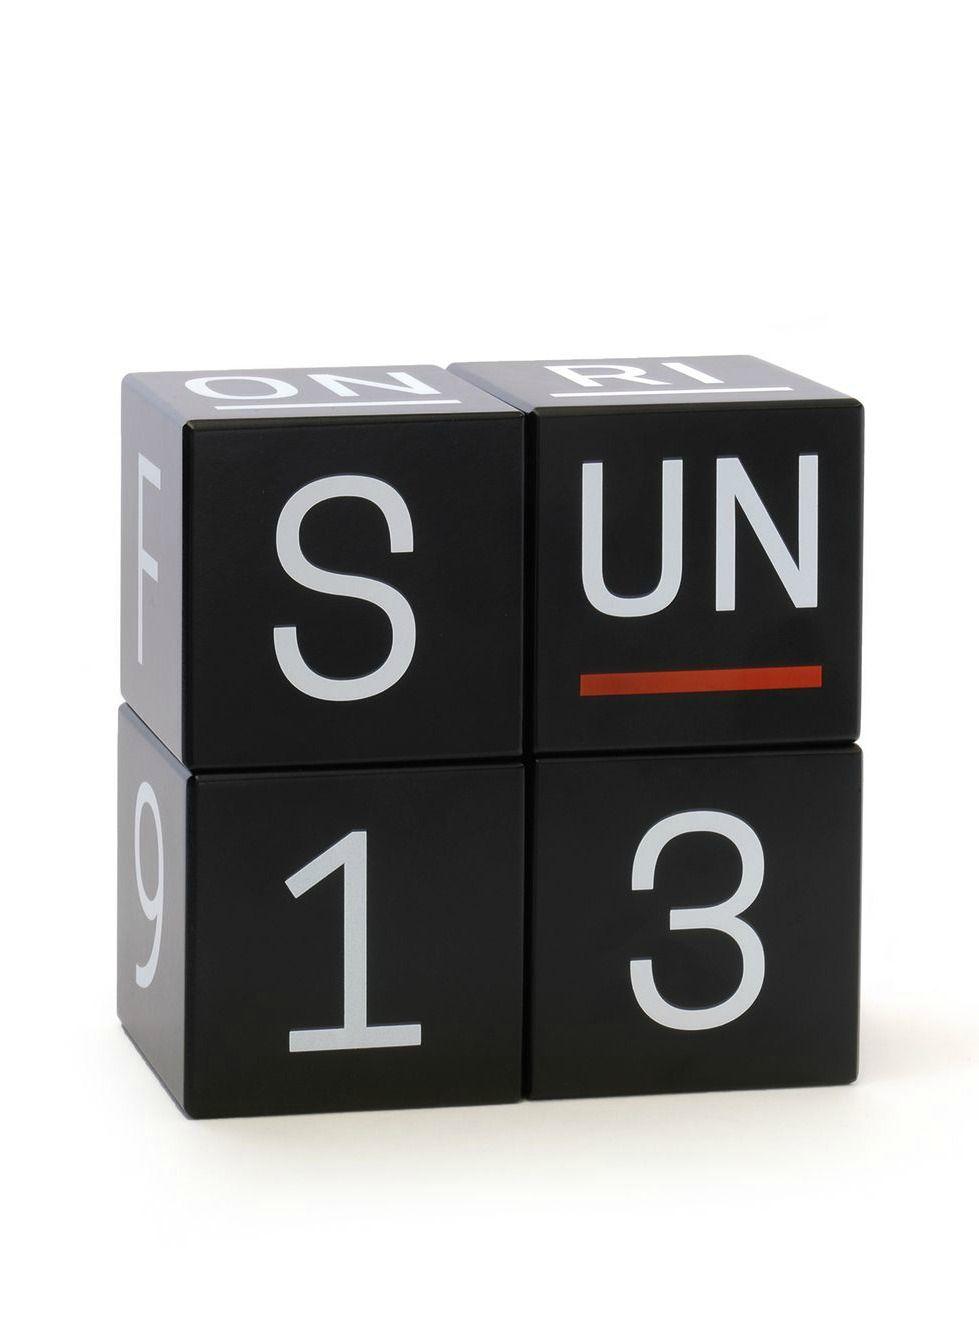 online bestellen bei designupdate.de 🖤 #siebensachen #würfelkalender #kalender #holz #schwarzweiß #wohnen #schönerwohnen #wohnideen #geschenkideen #büro #arbeitszimmer